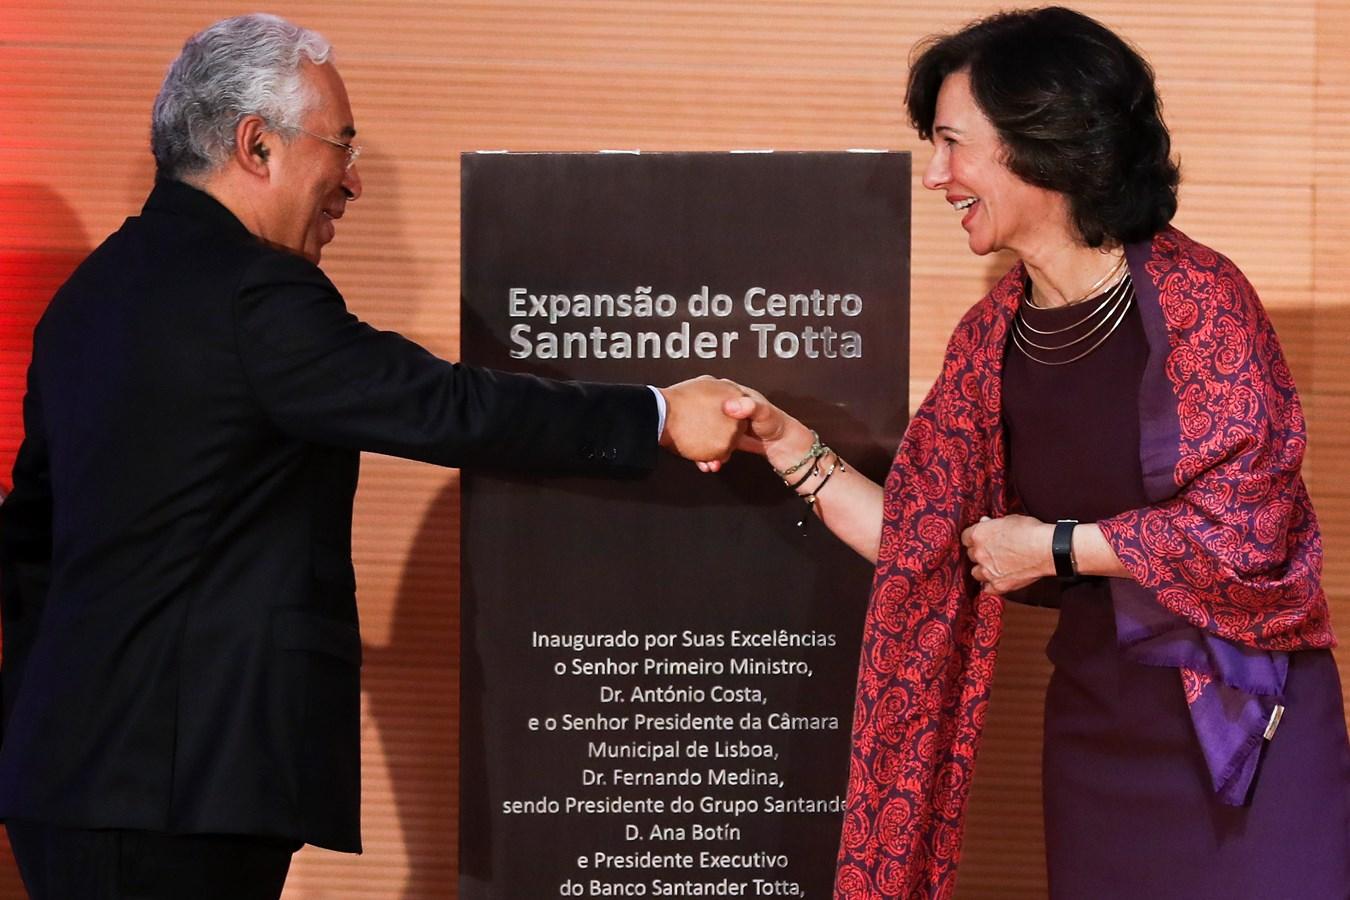 Inauguração da nova sede do Santander Totta em Lisboa